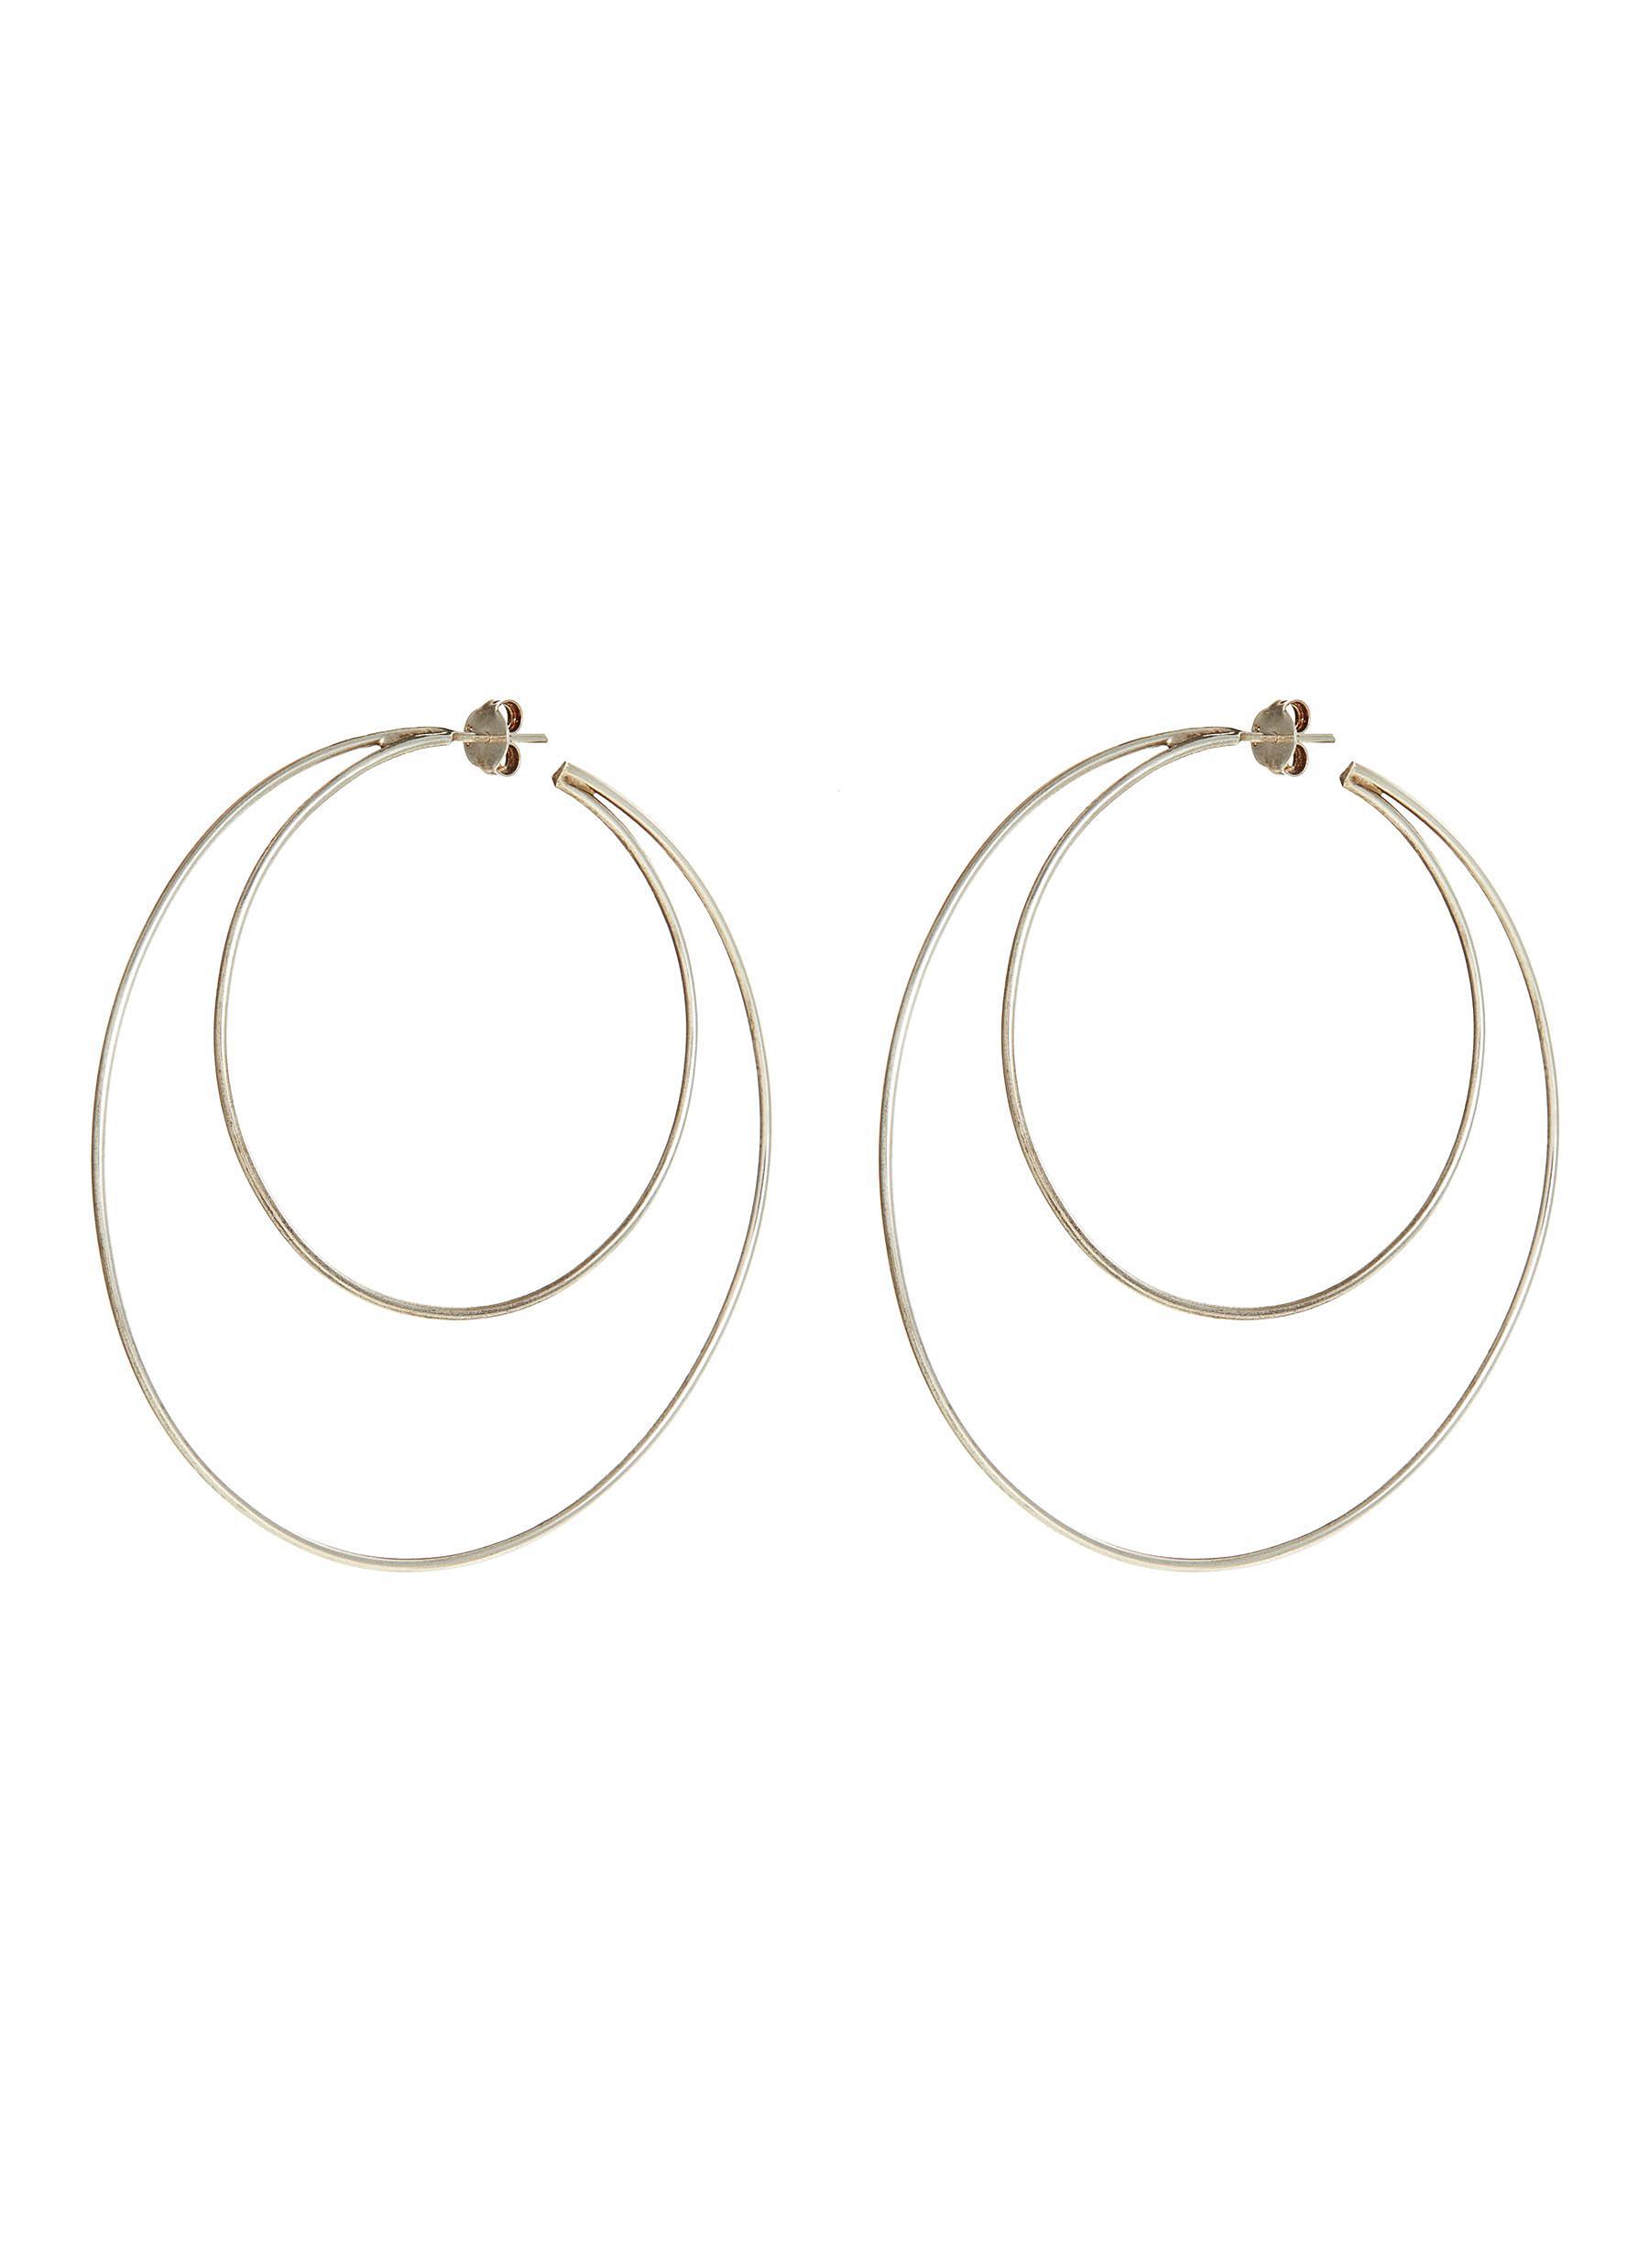 Crescent Hoops sterling silver earrings by Lynn Ban